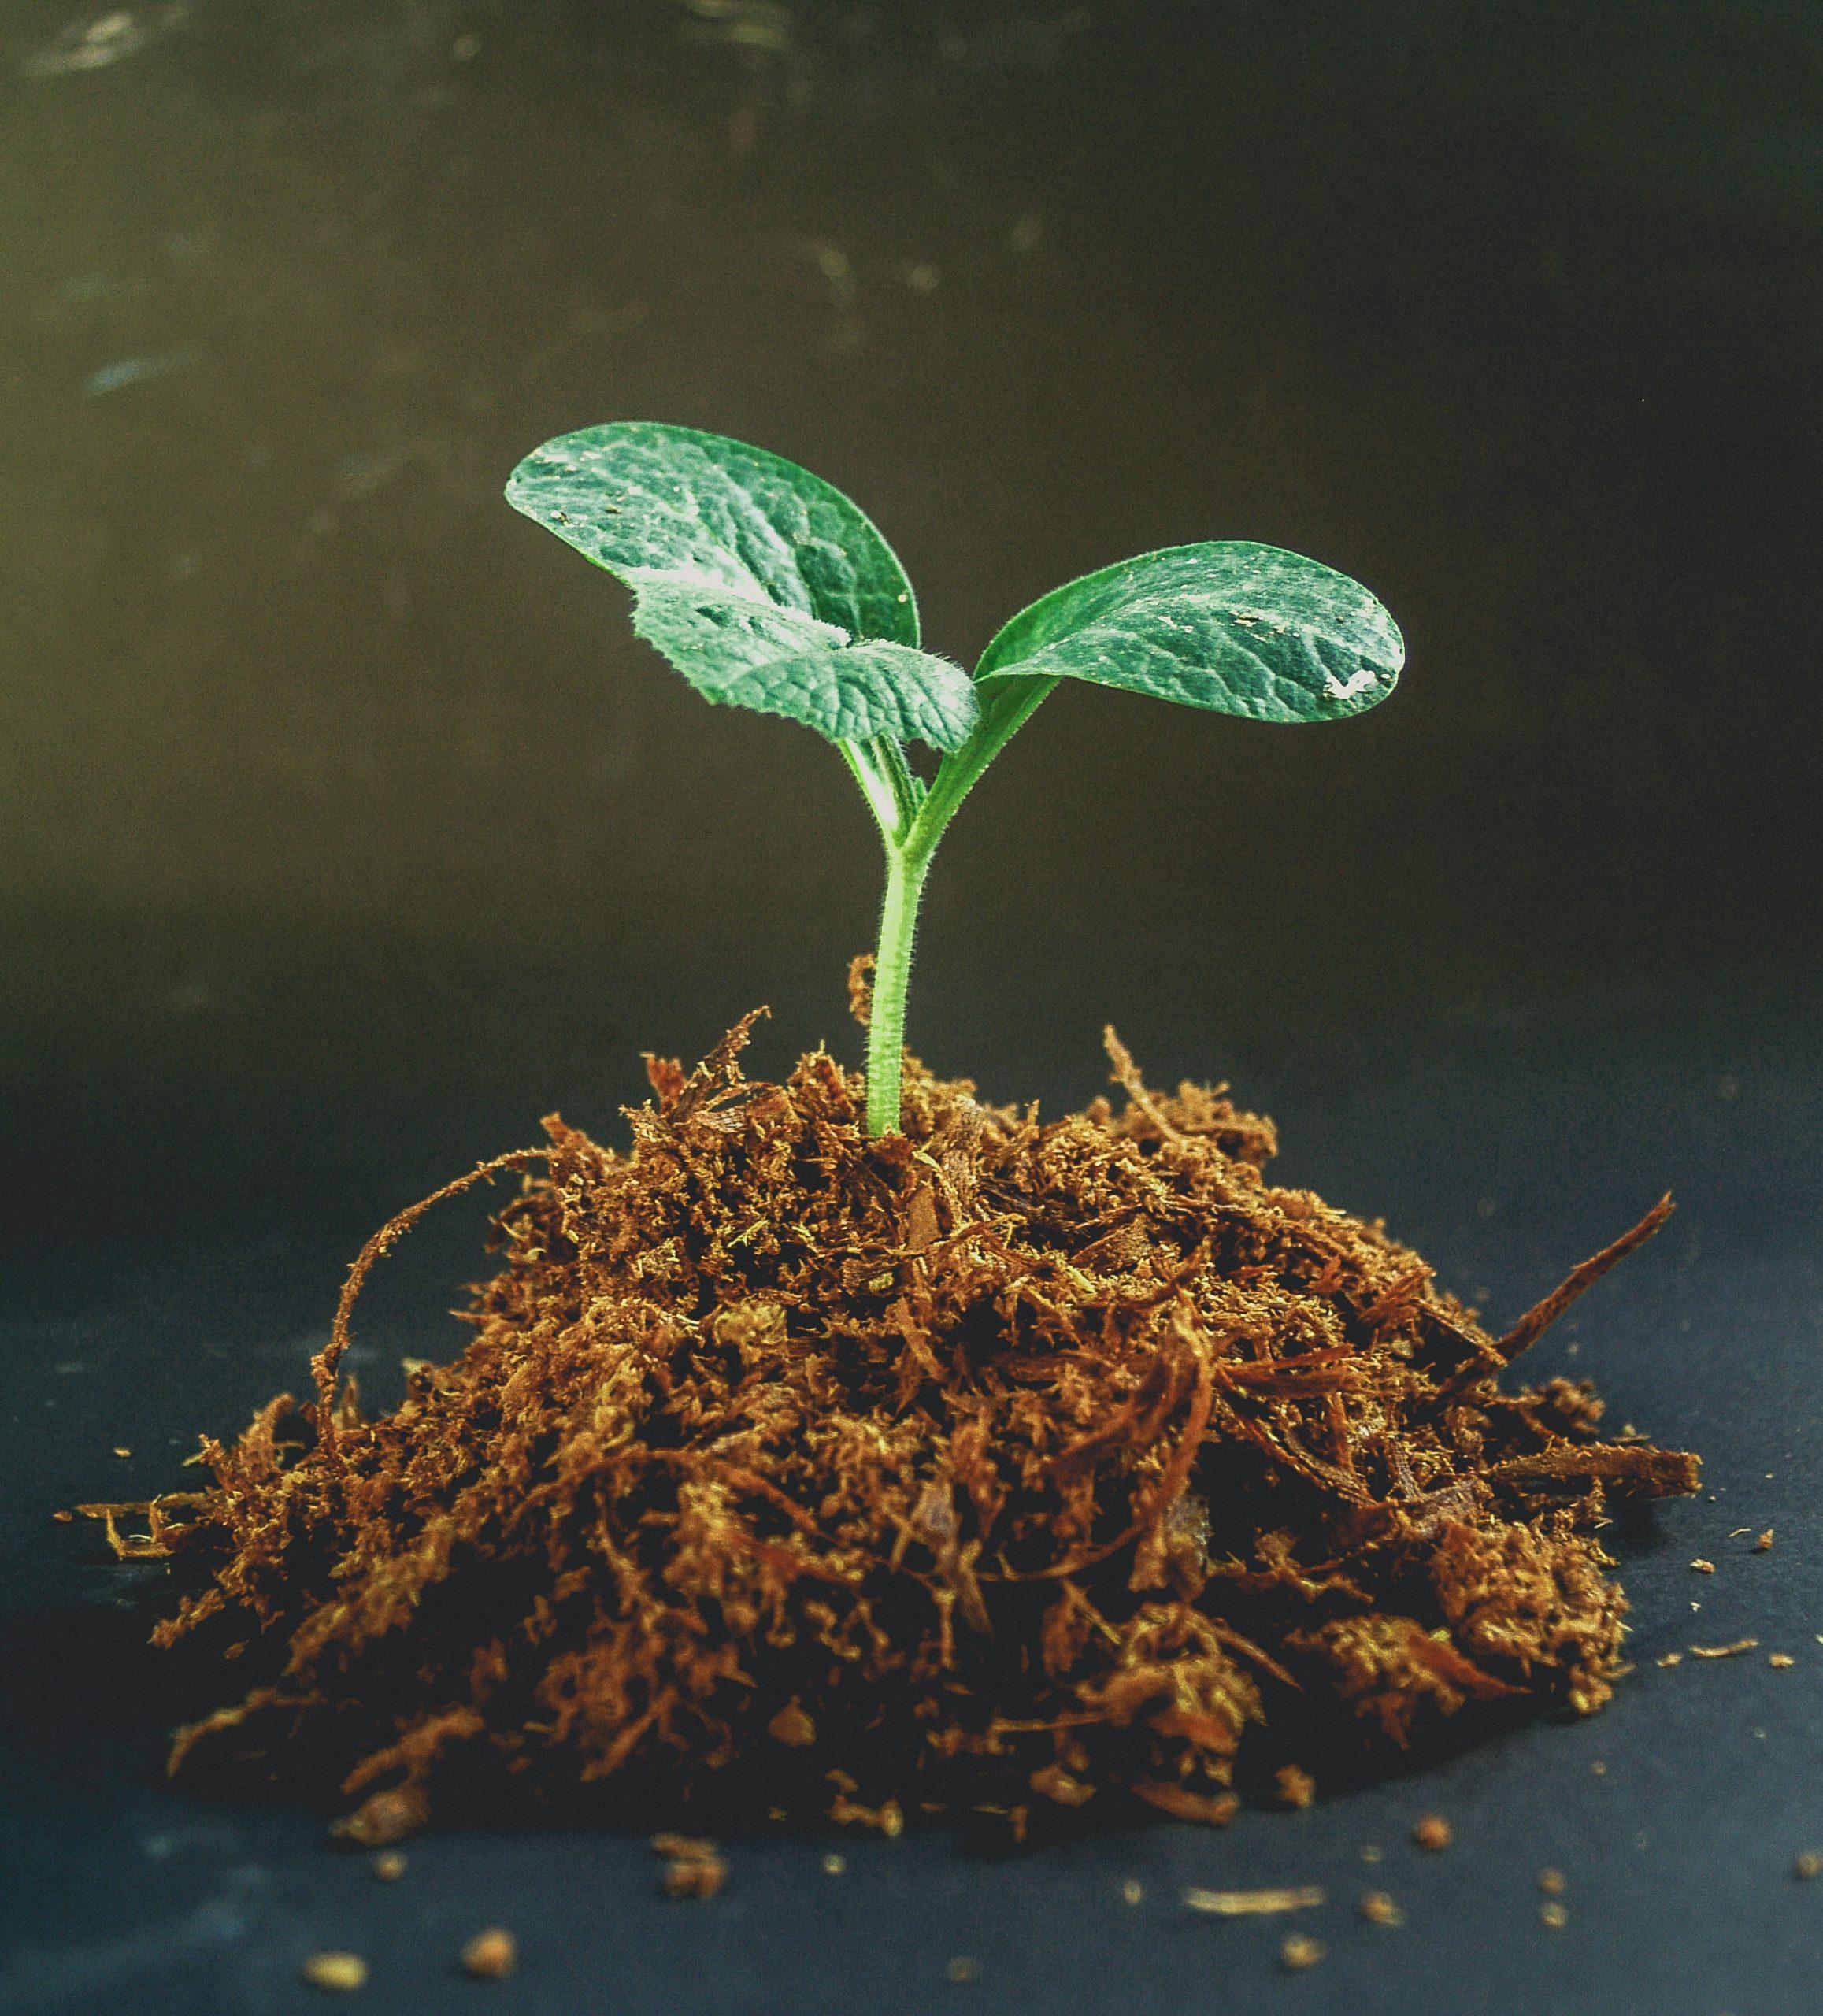 Junge grüne Pflanze - Erschaffen